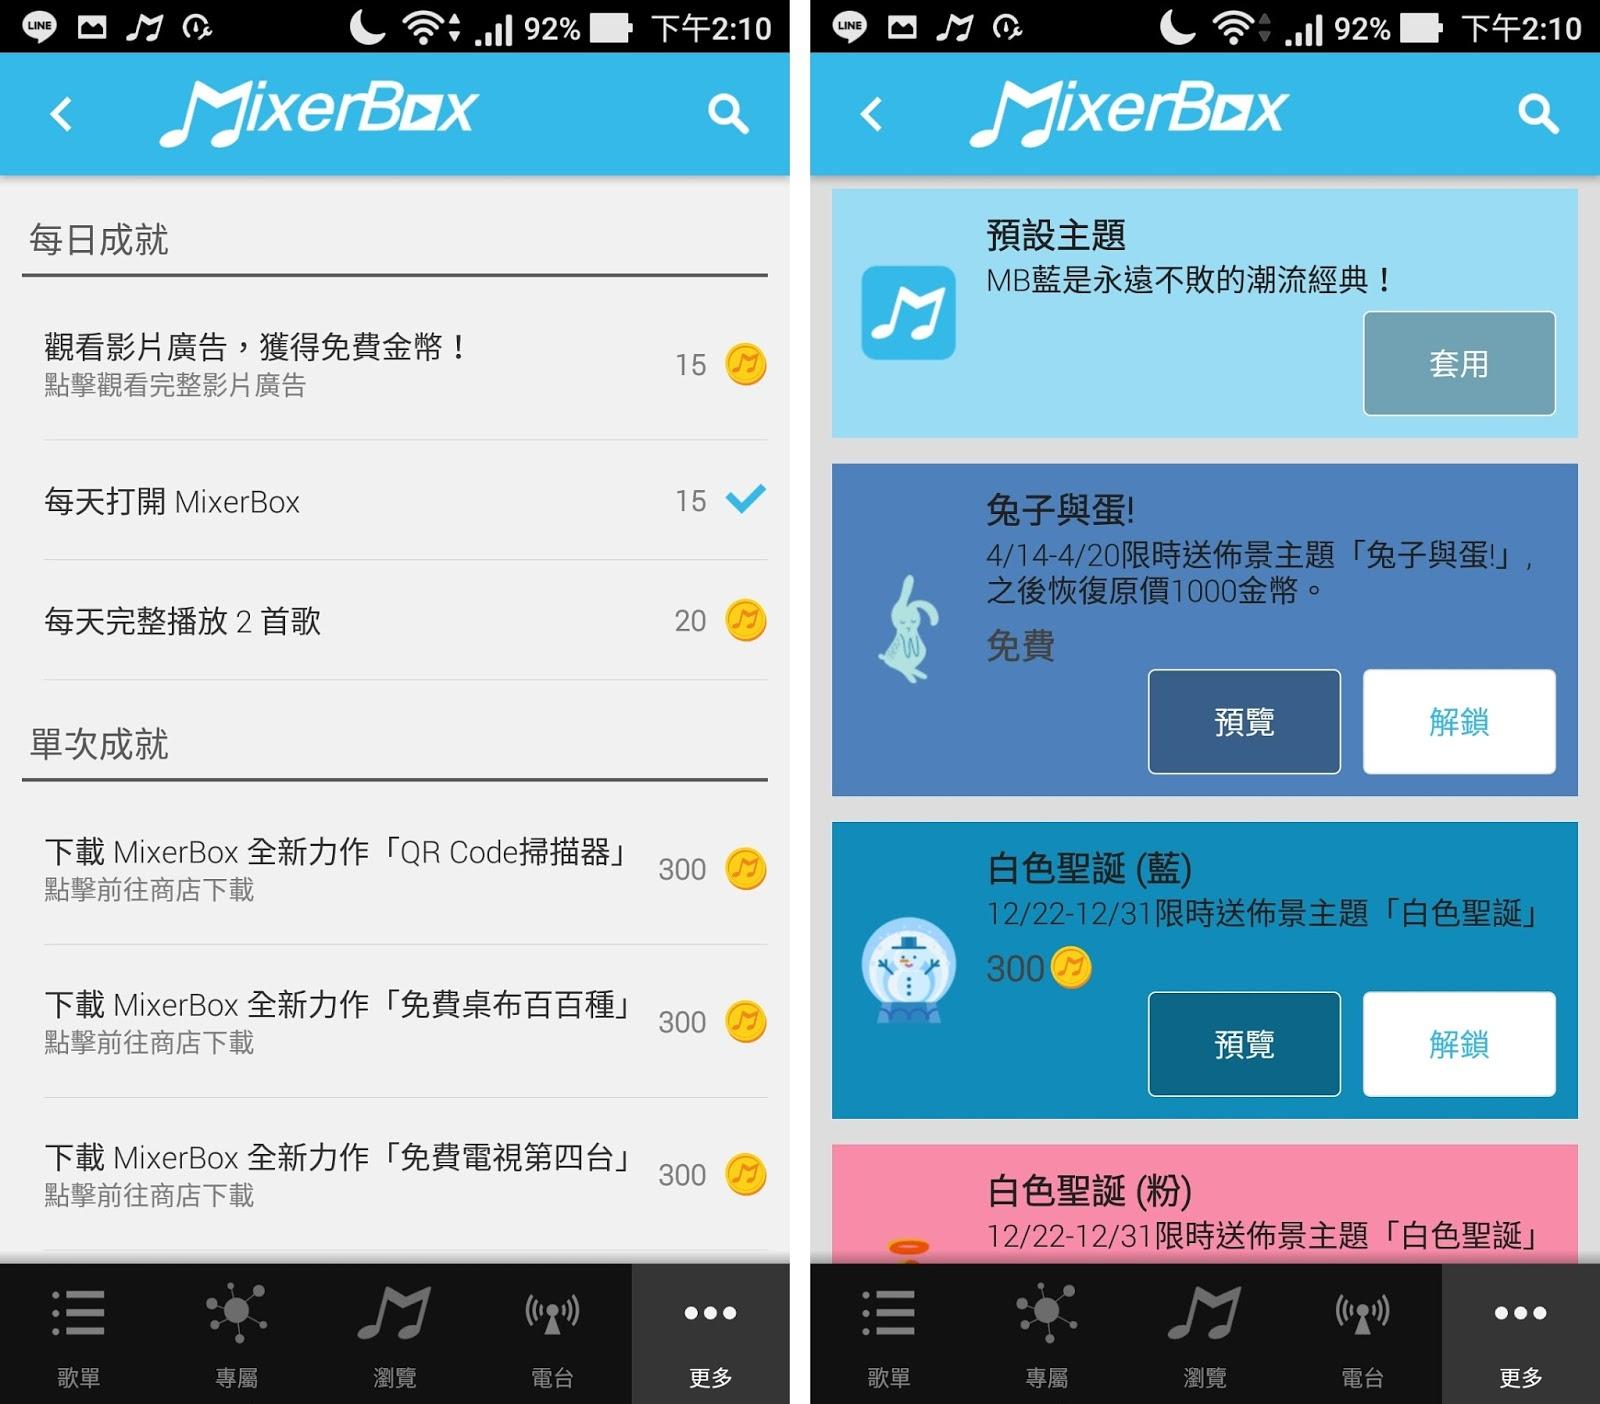 Screenshot 20170416 141013 - MixerBox - 手機免費聽音樂,歌單整理超方便的聽歌App